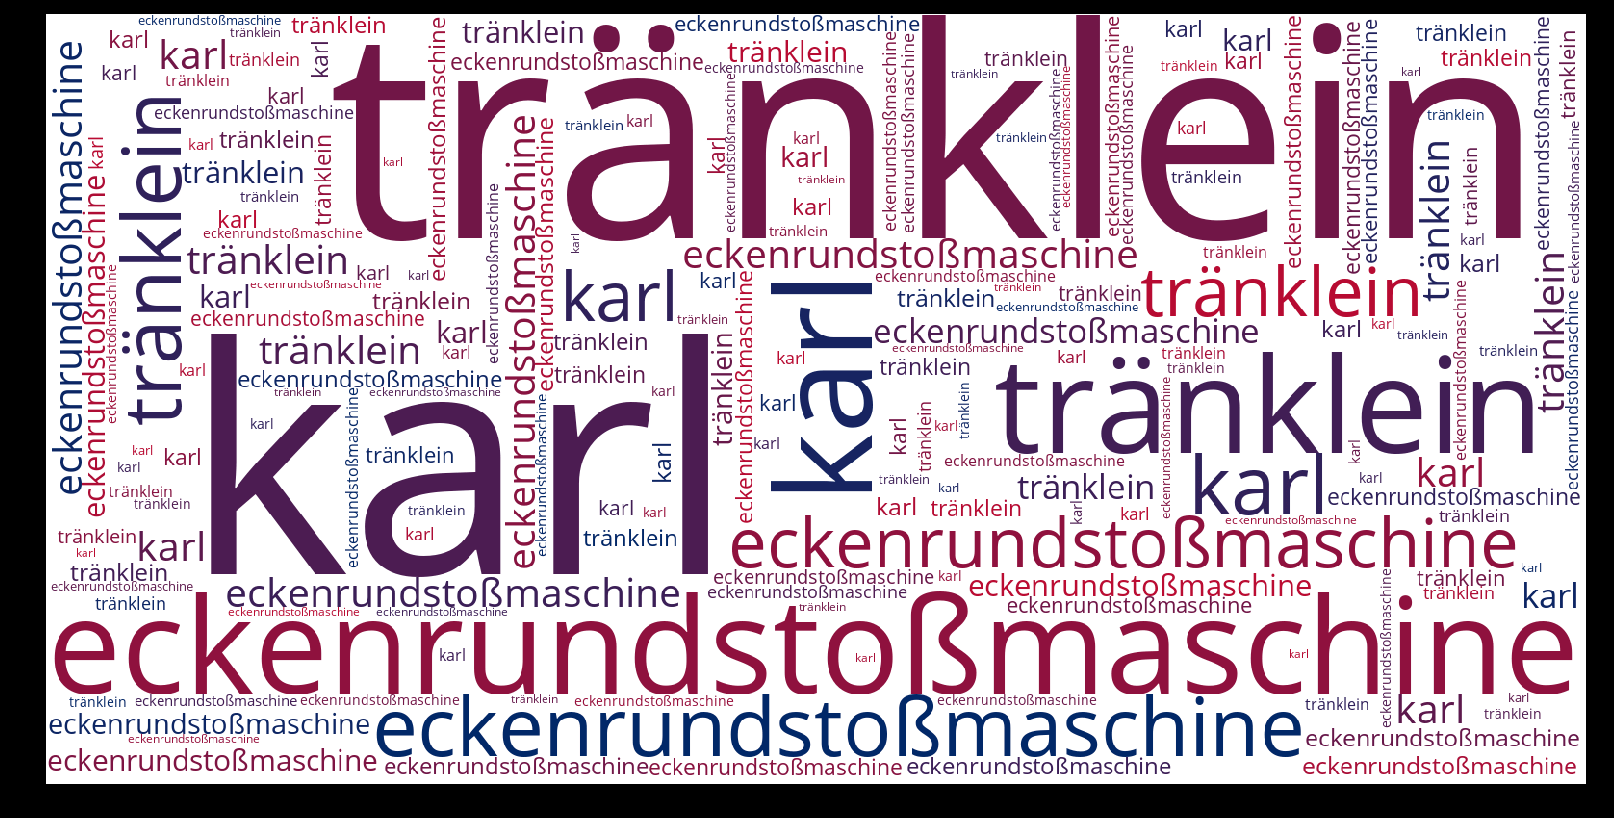 Eckenrundstossmaschine-wordcloud